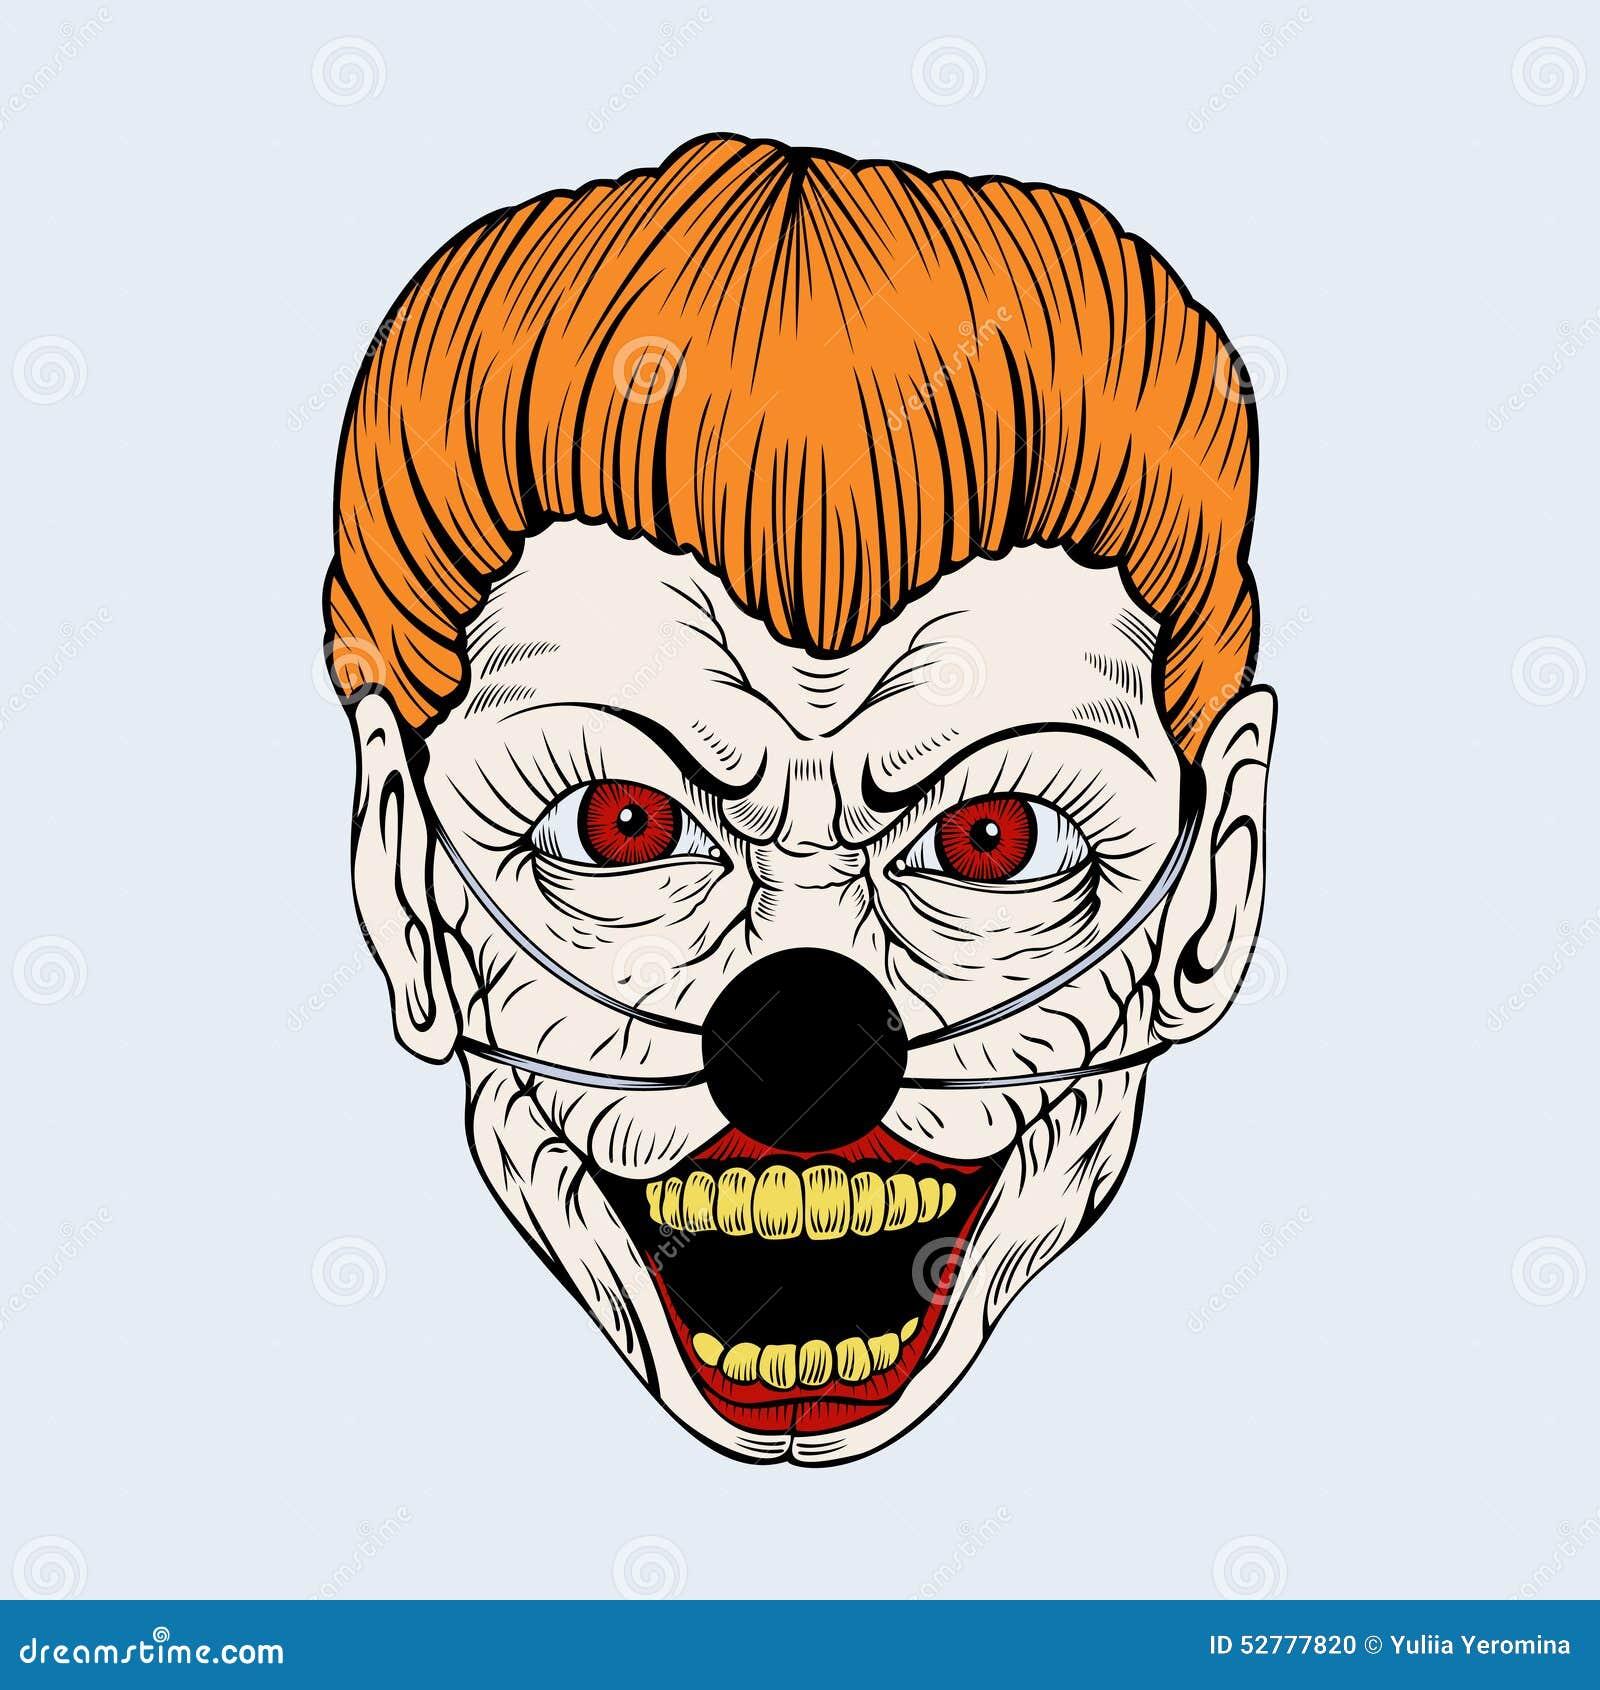 Zombie teeth icon cartoon style cartoon vector - Scary yellow eyes ...